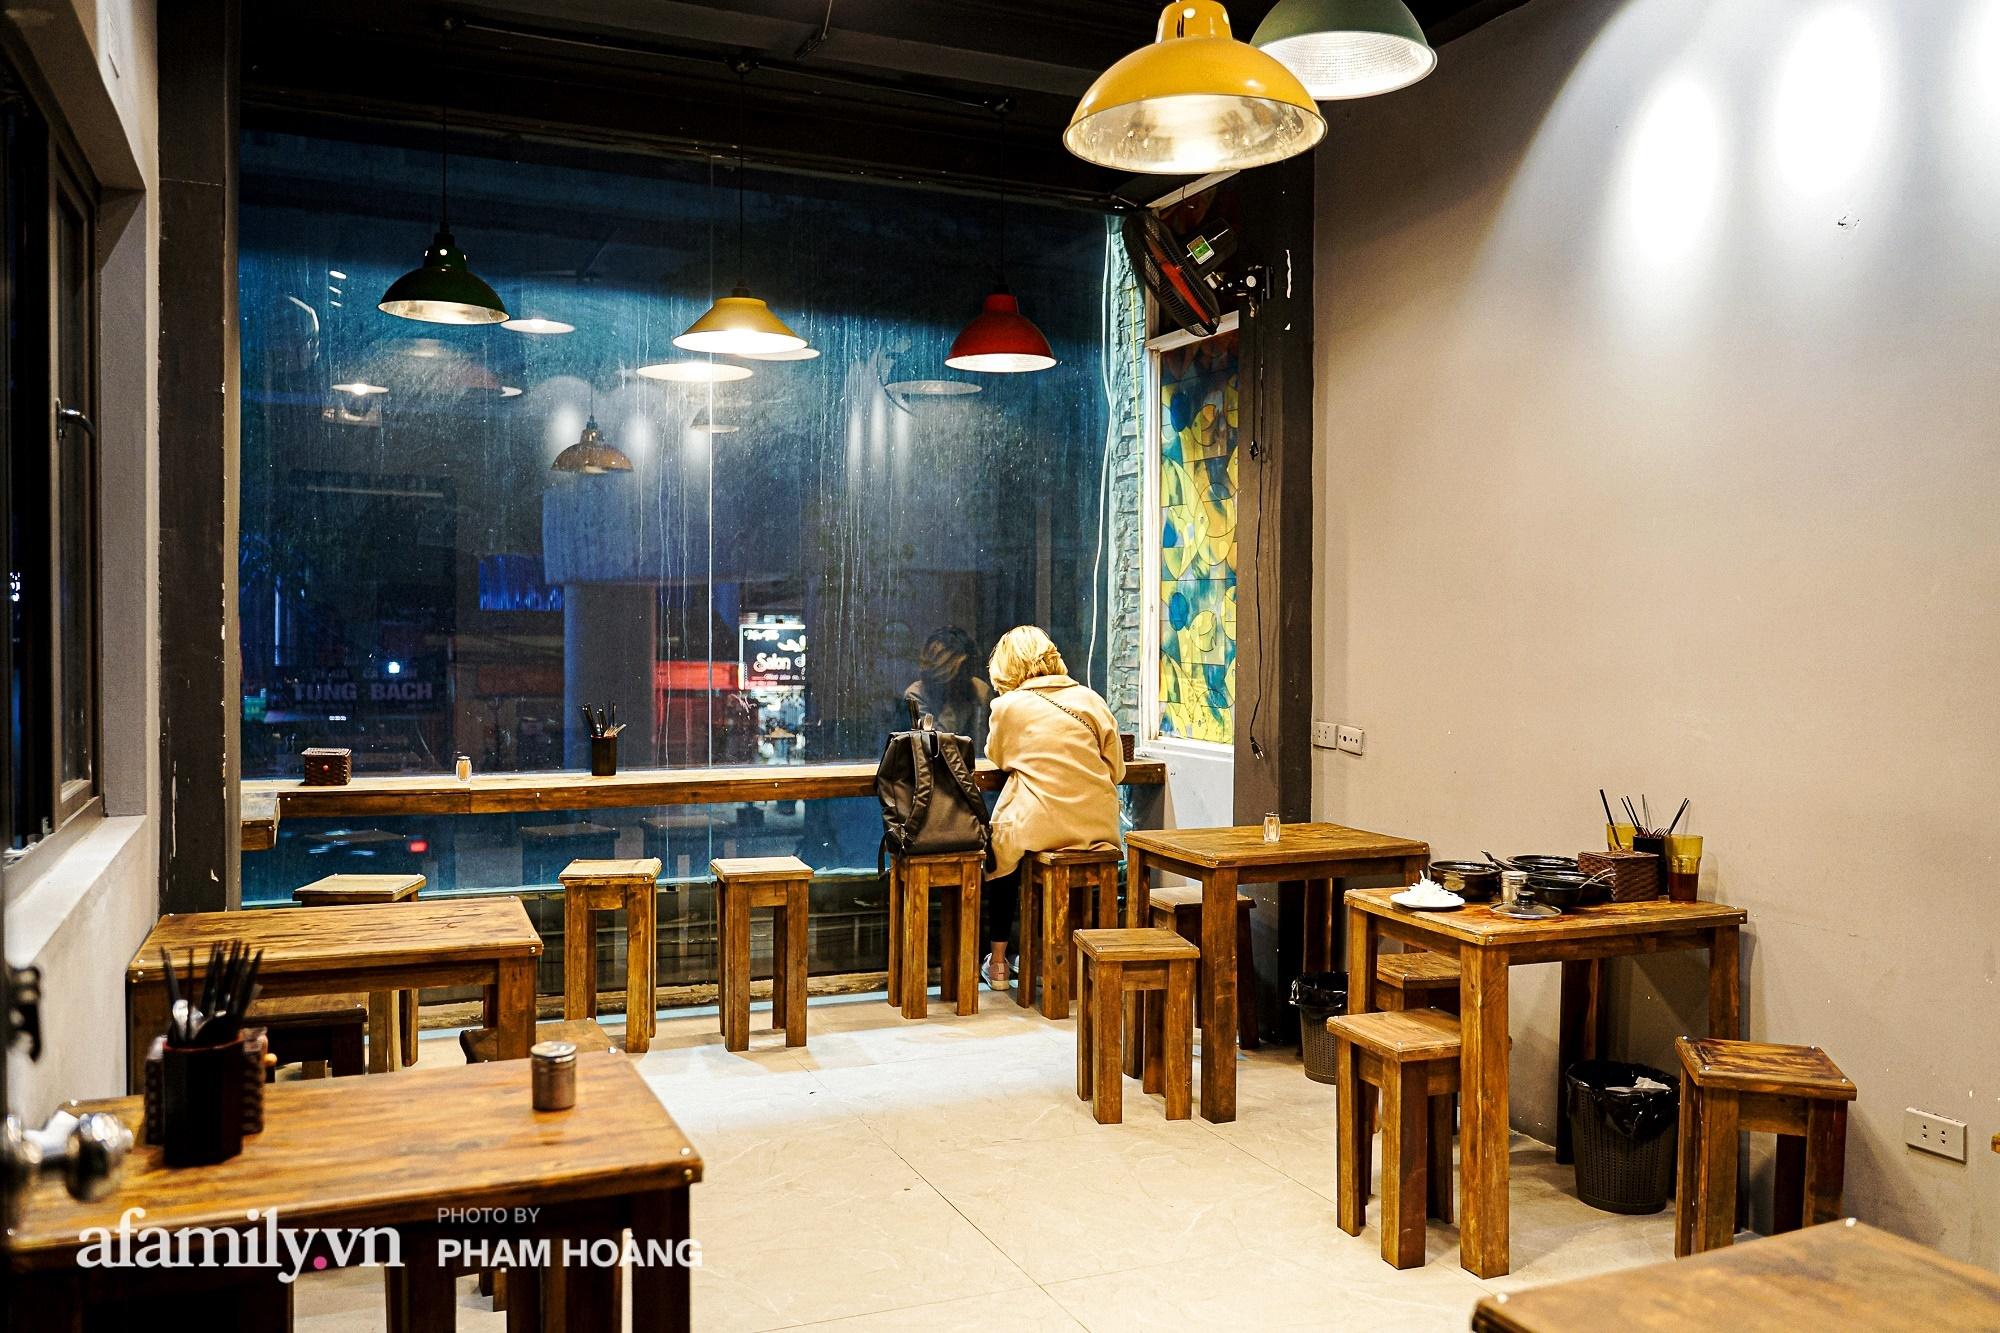 Bỏ túi những địa chỉ bán súp cua ngon ở Hà Nội cho bữa quà chiều mùa đông thêm ấm bụng - Ảnh 6.